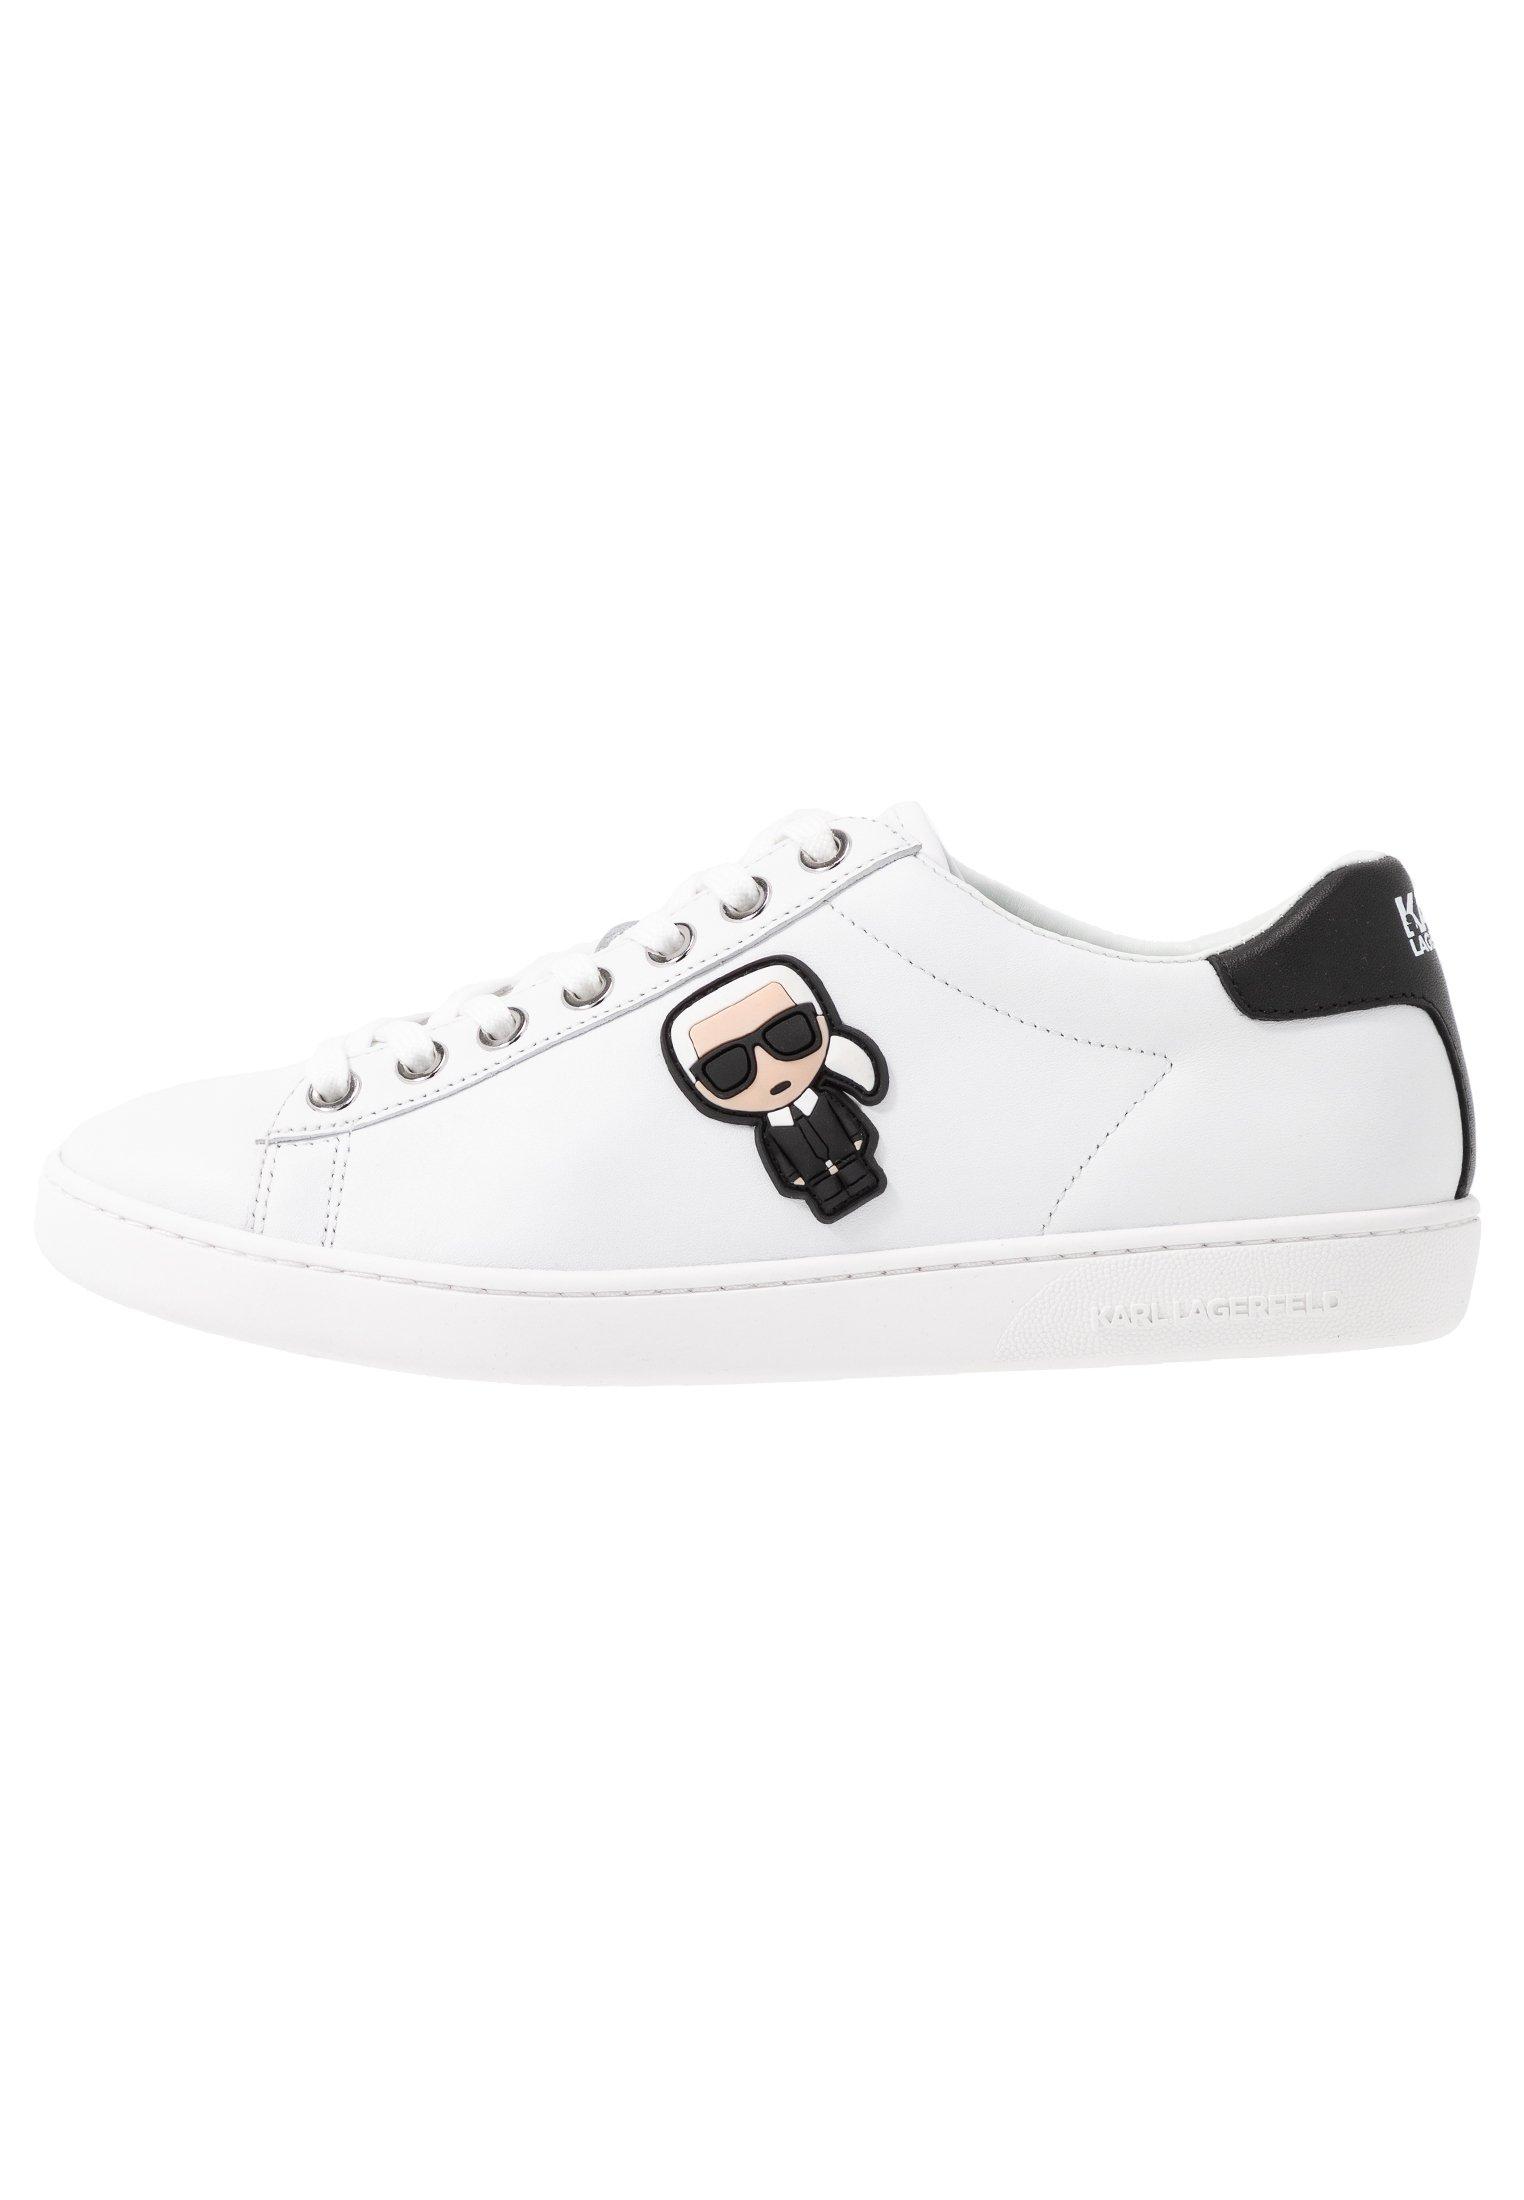 KUPSOLE IKONIC LACE Sneakers white